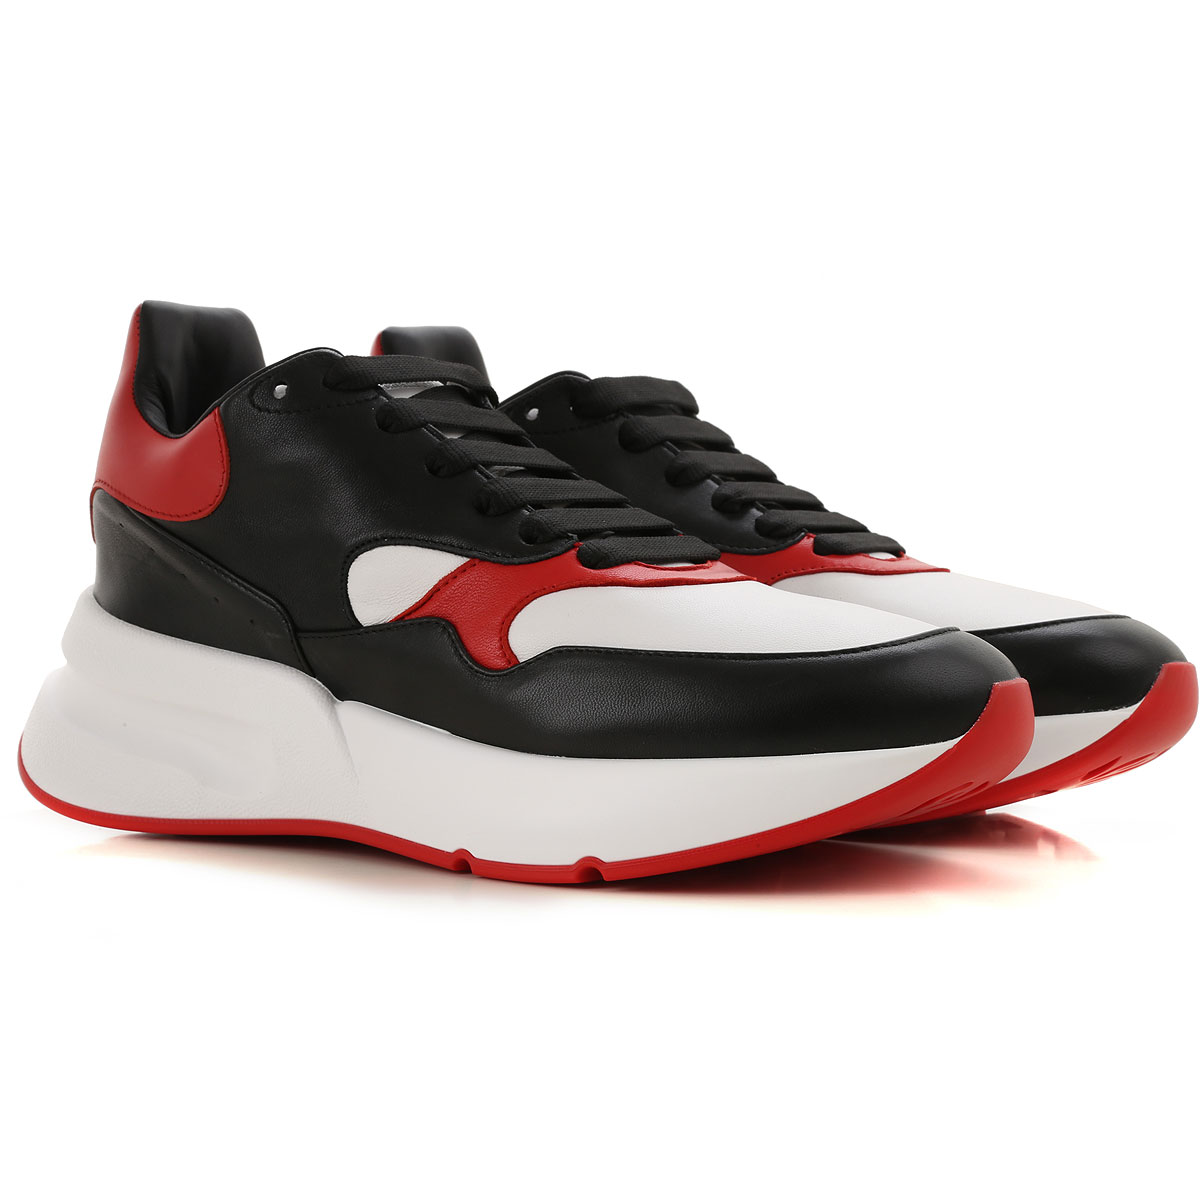 Alexander McQueen Sneakers for Men On Sale, Black, Leather, 2017, EUR 40 - US 7 - UK 6 EUR 41 - US 8 - UK 7 EUR 42 - US 9 - UK 8 EUR 43 - US 10 - UK 9 EUR 45 - US 12 - UK 11